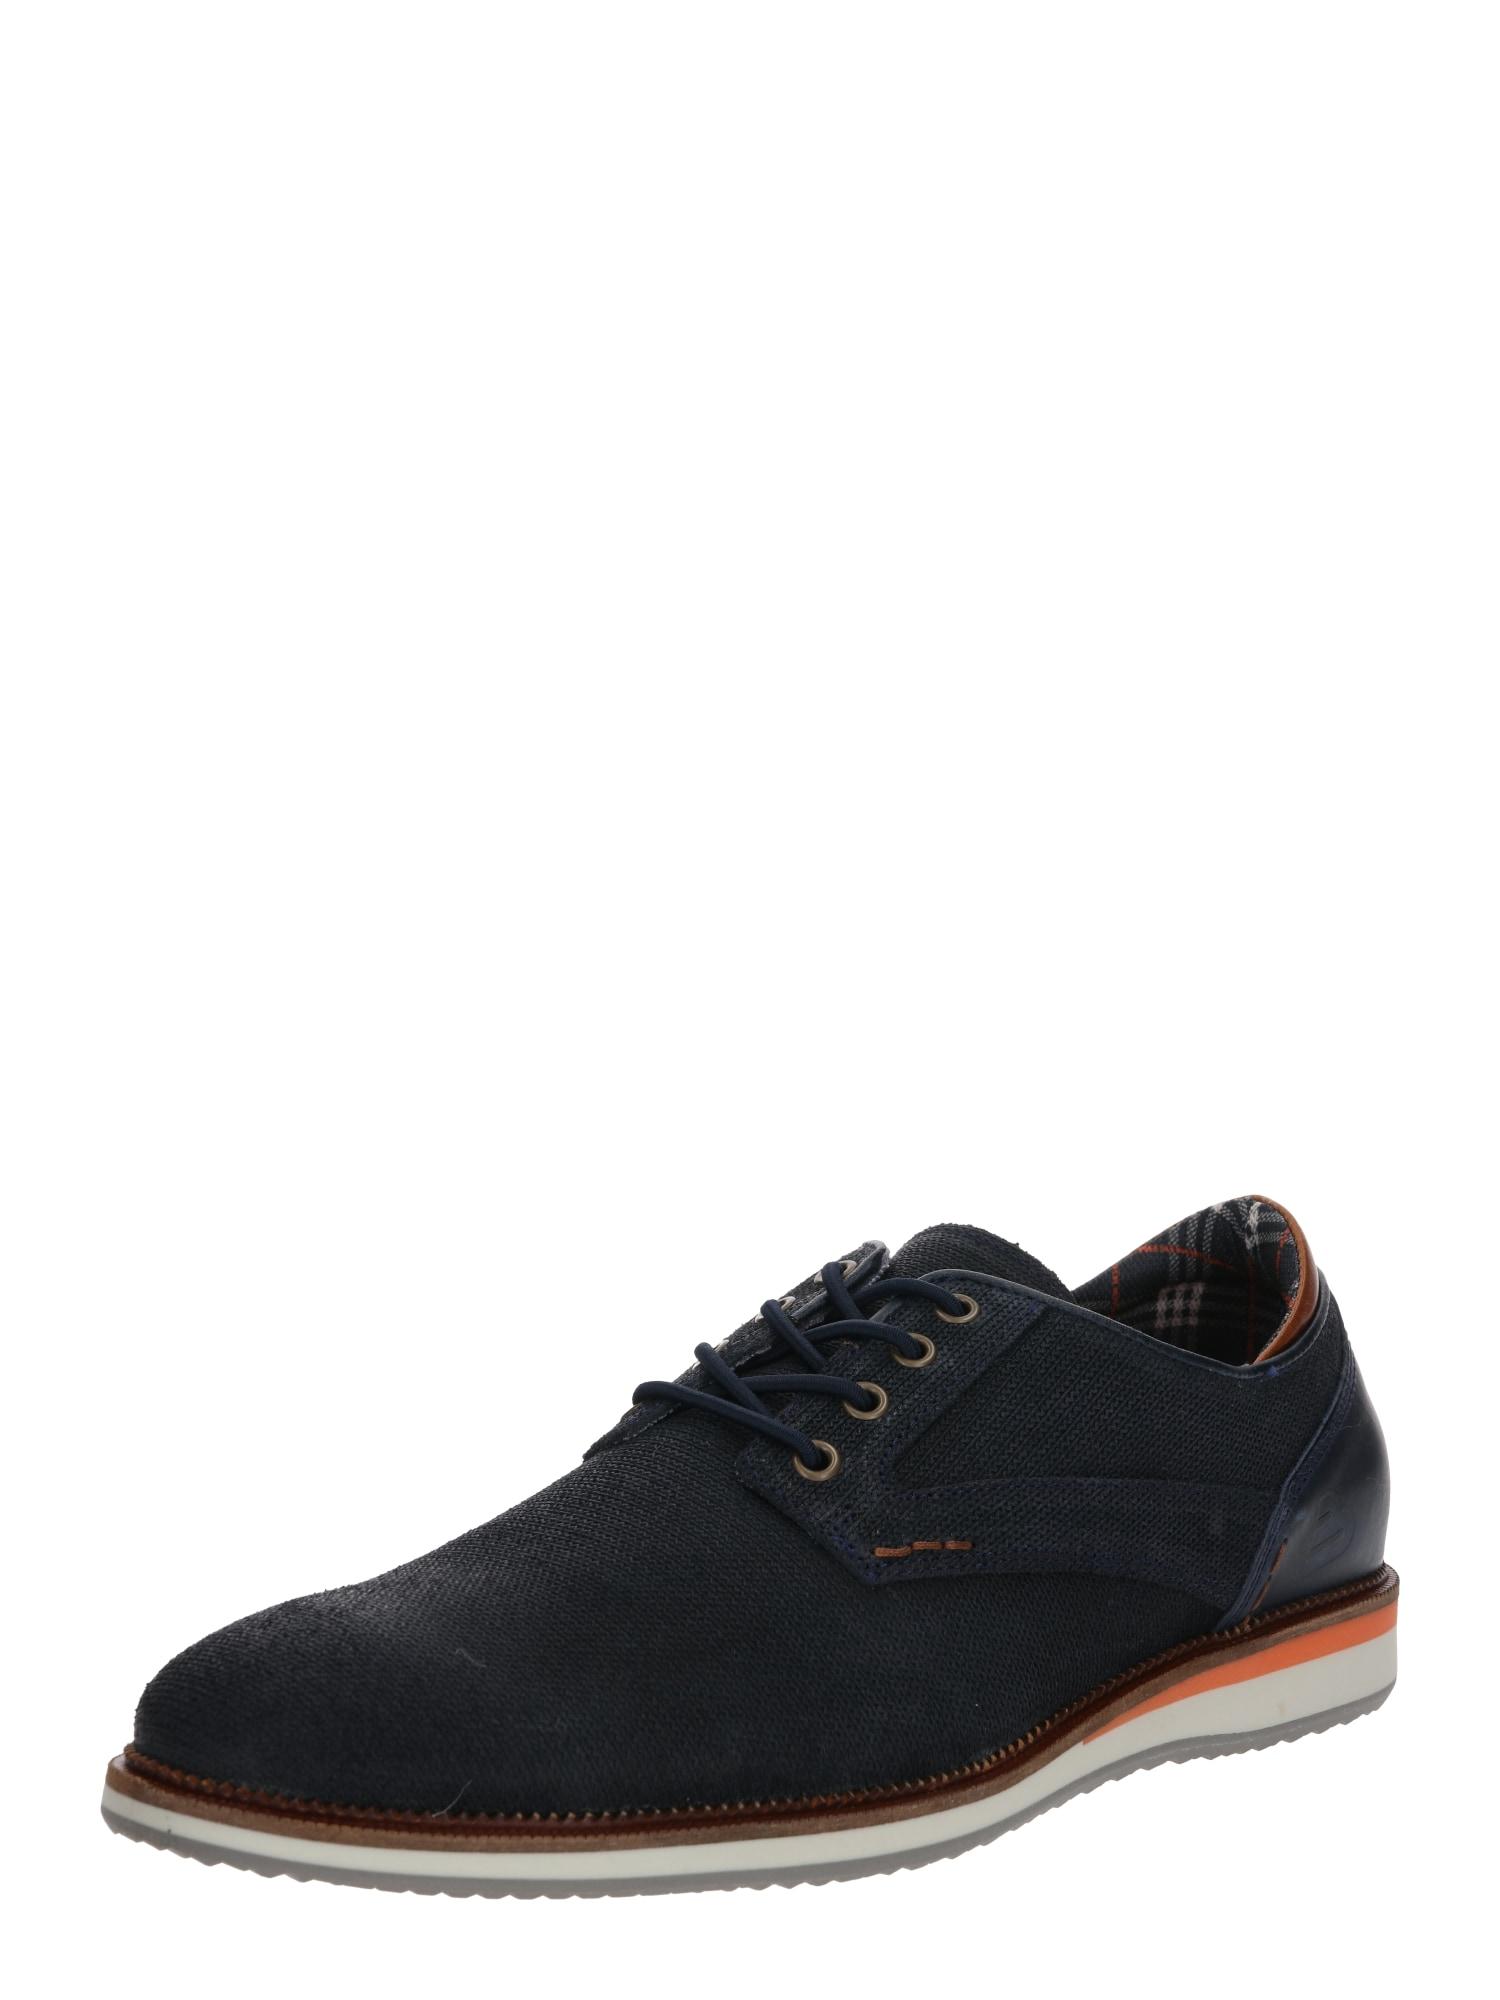 BULLBOXER Fűzős cipő  fekete / narancs